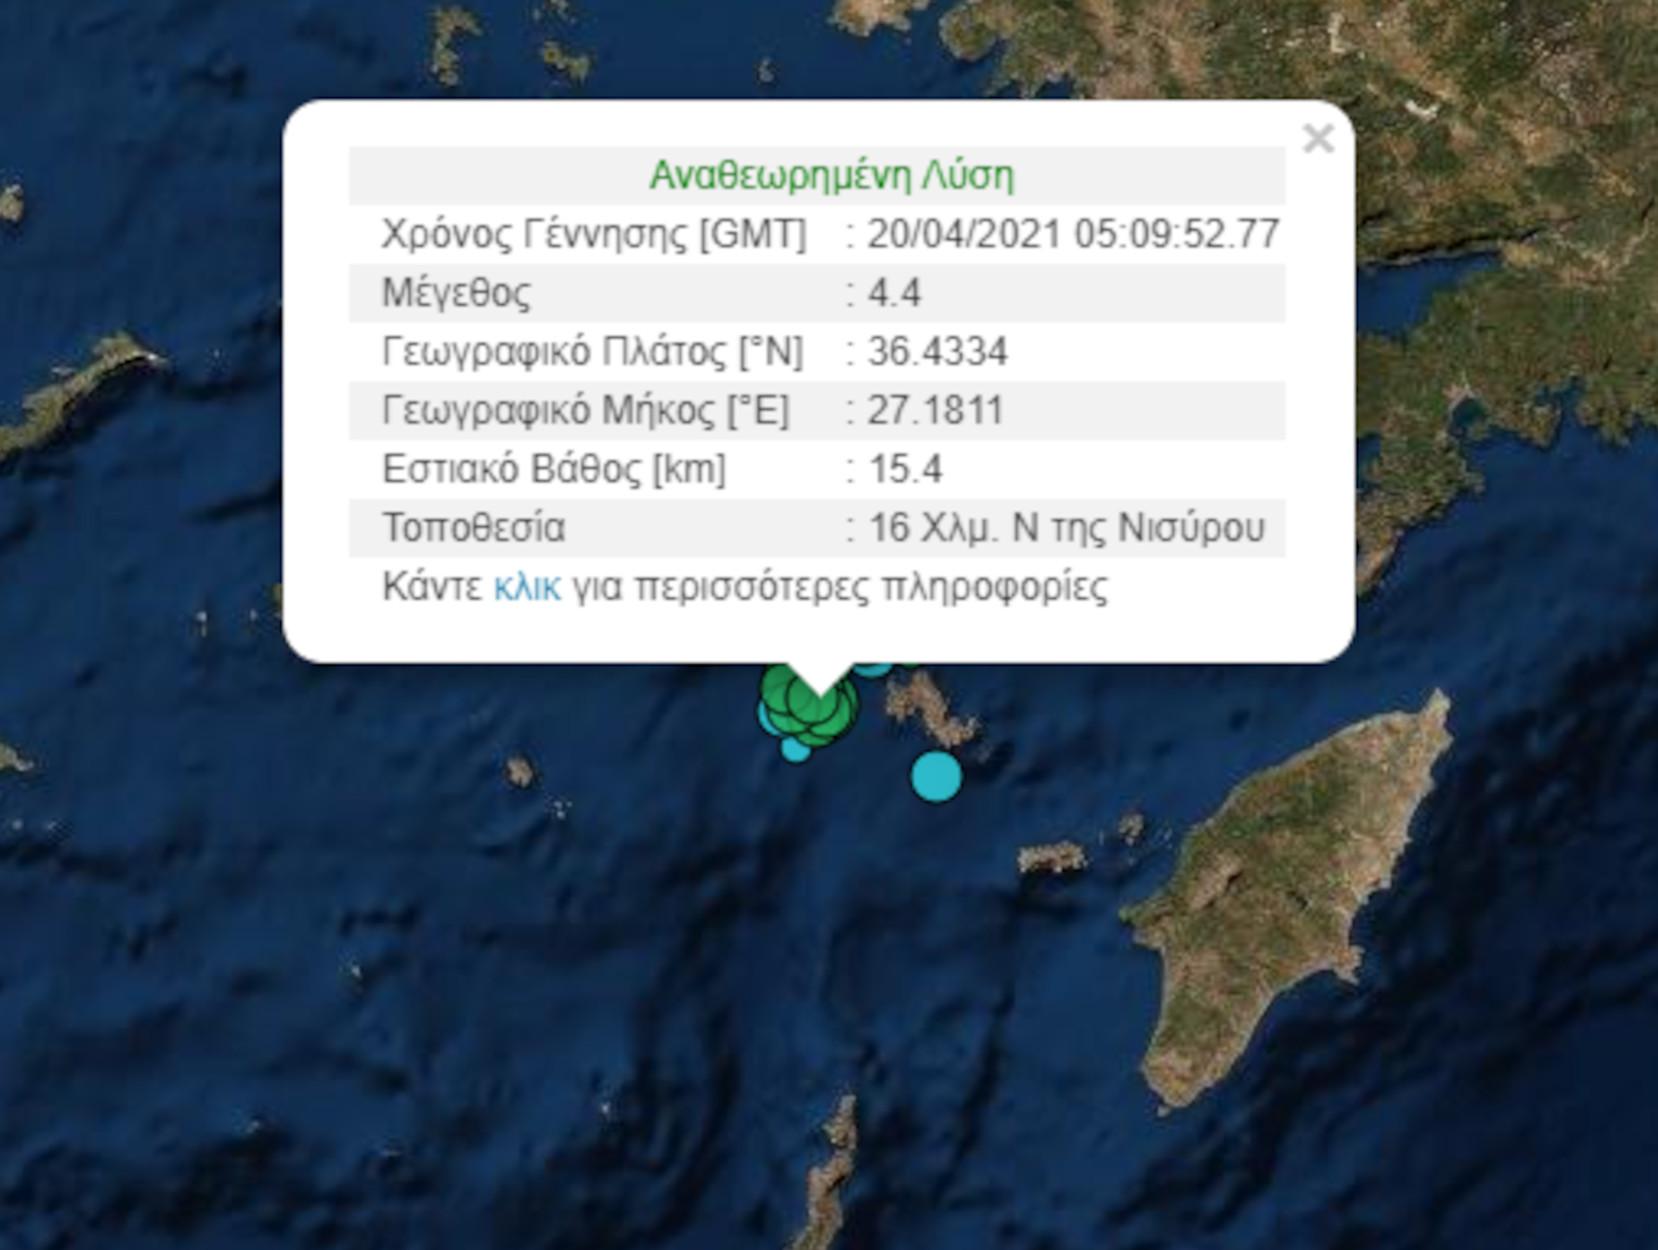 Σεισμός 4,4 Ρίχτερ στην Νίσυρο